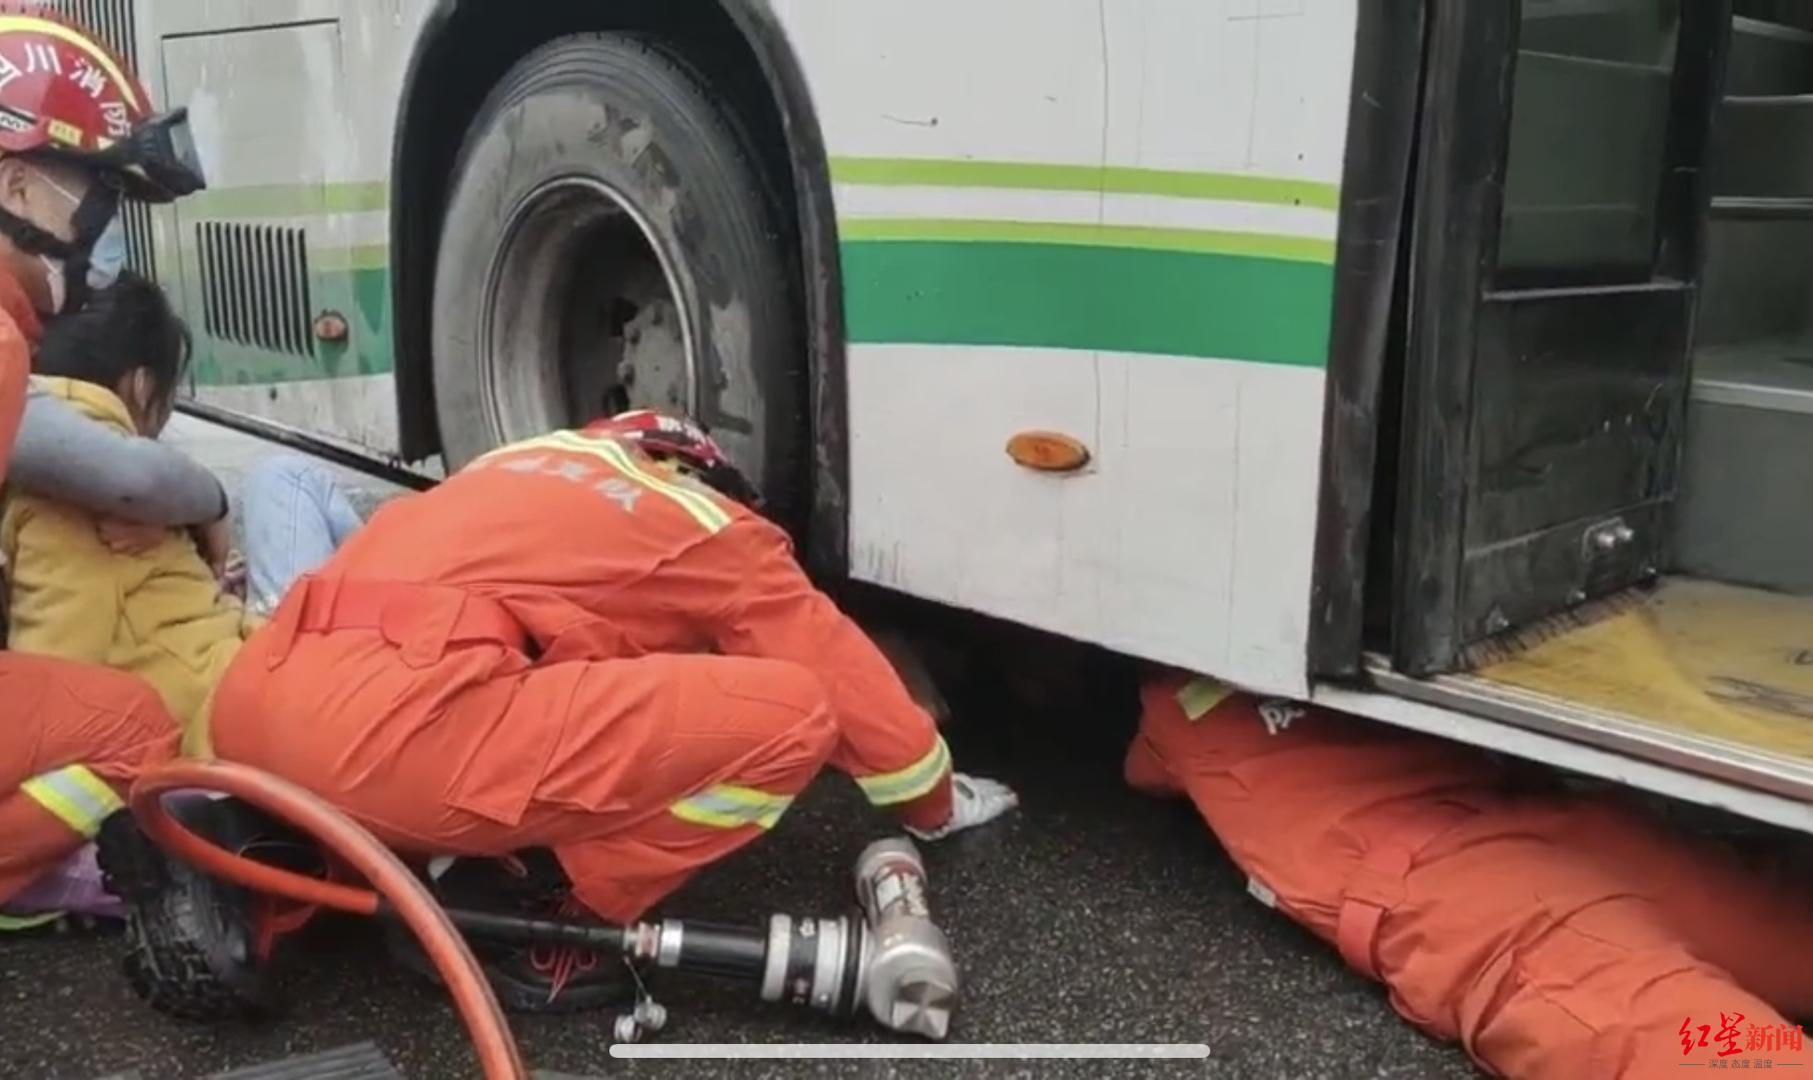 这一排背影让人动容:女孩小腿被压公交车轮下,众人抬车救人